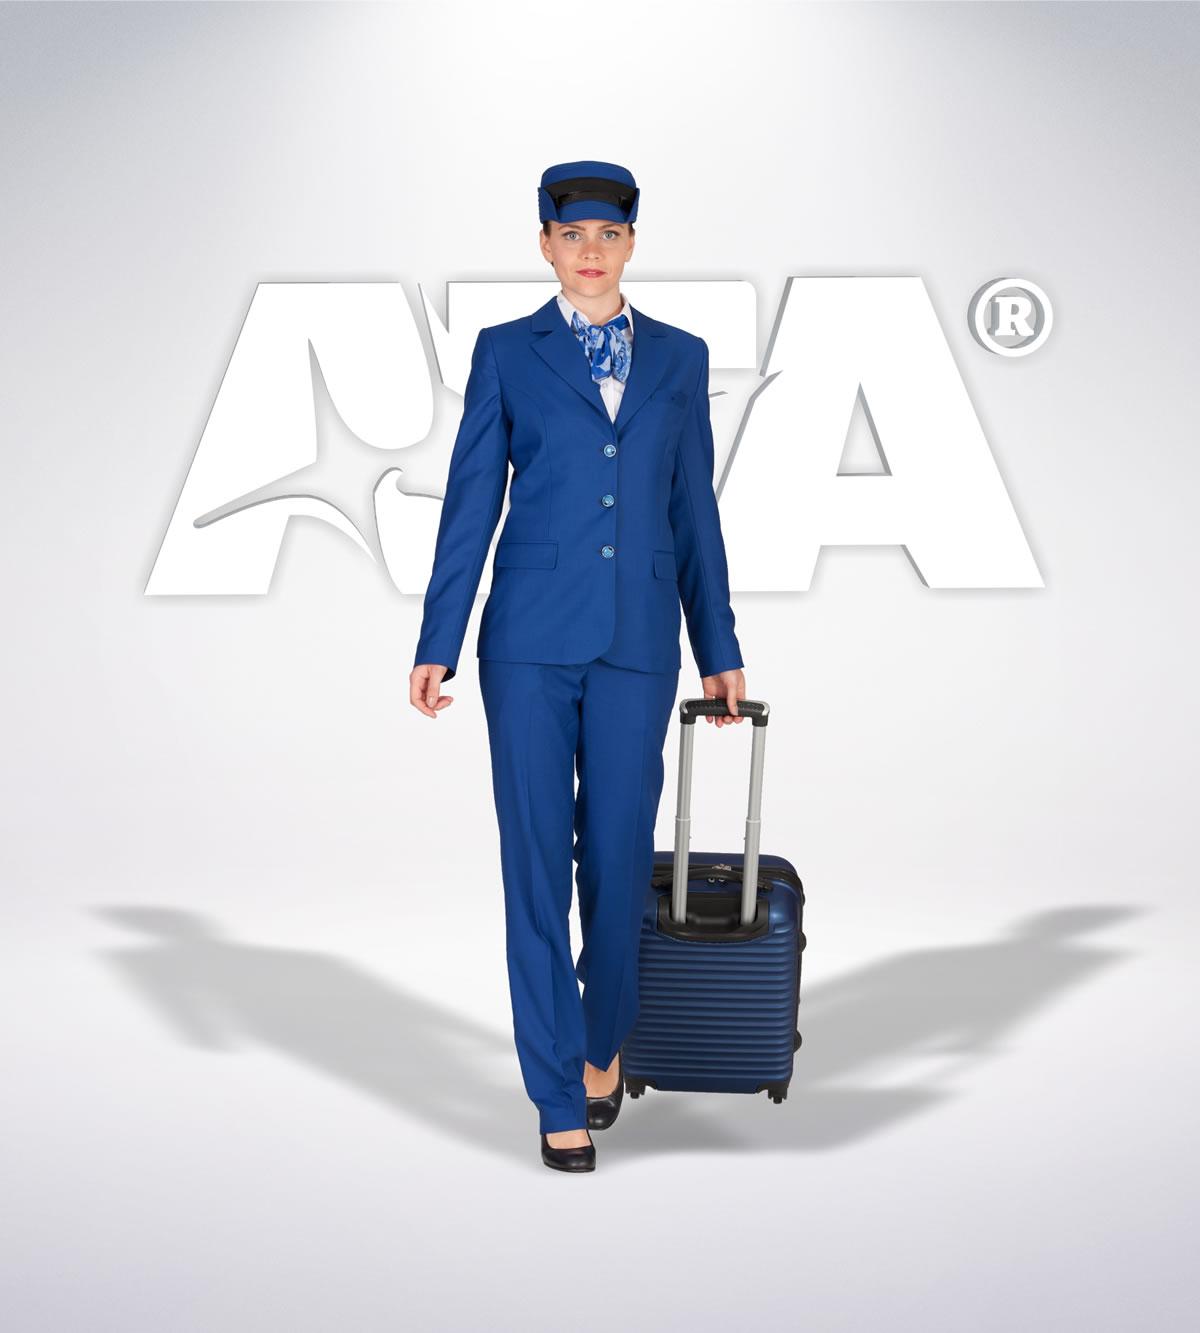 ATA 432 - iş elbiseleri | iş üniformaları | iş kıyafetleri